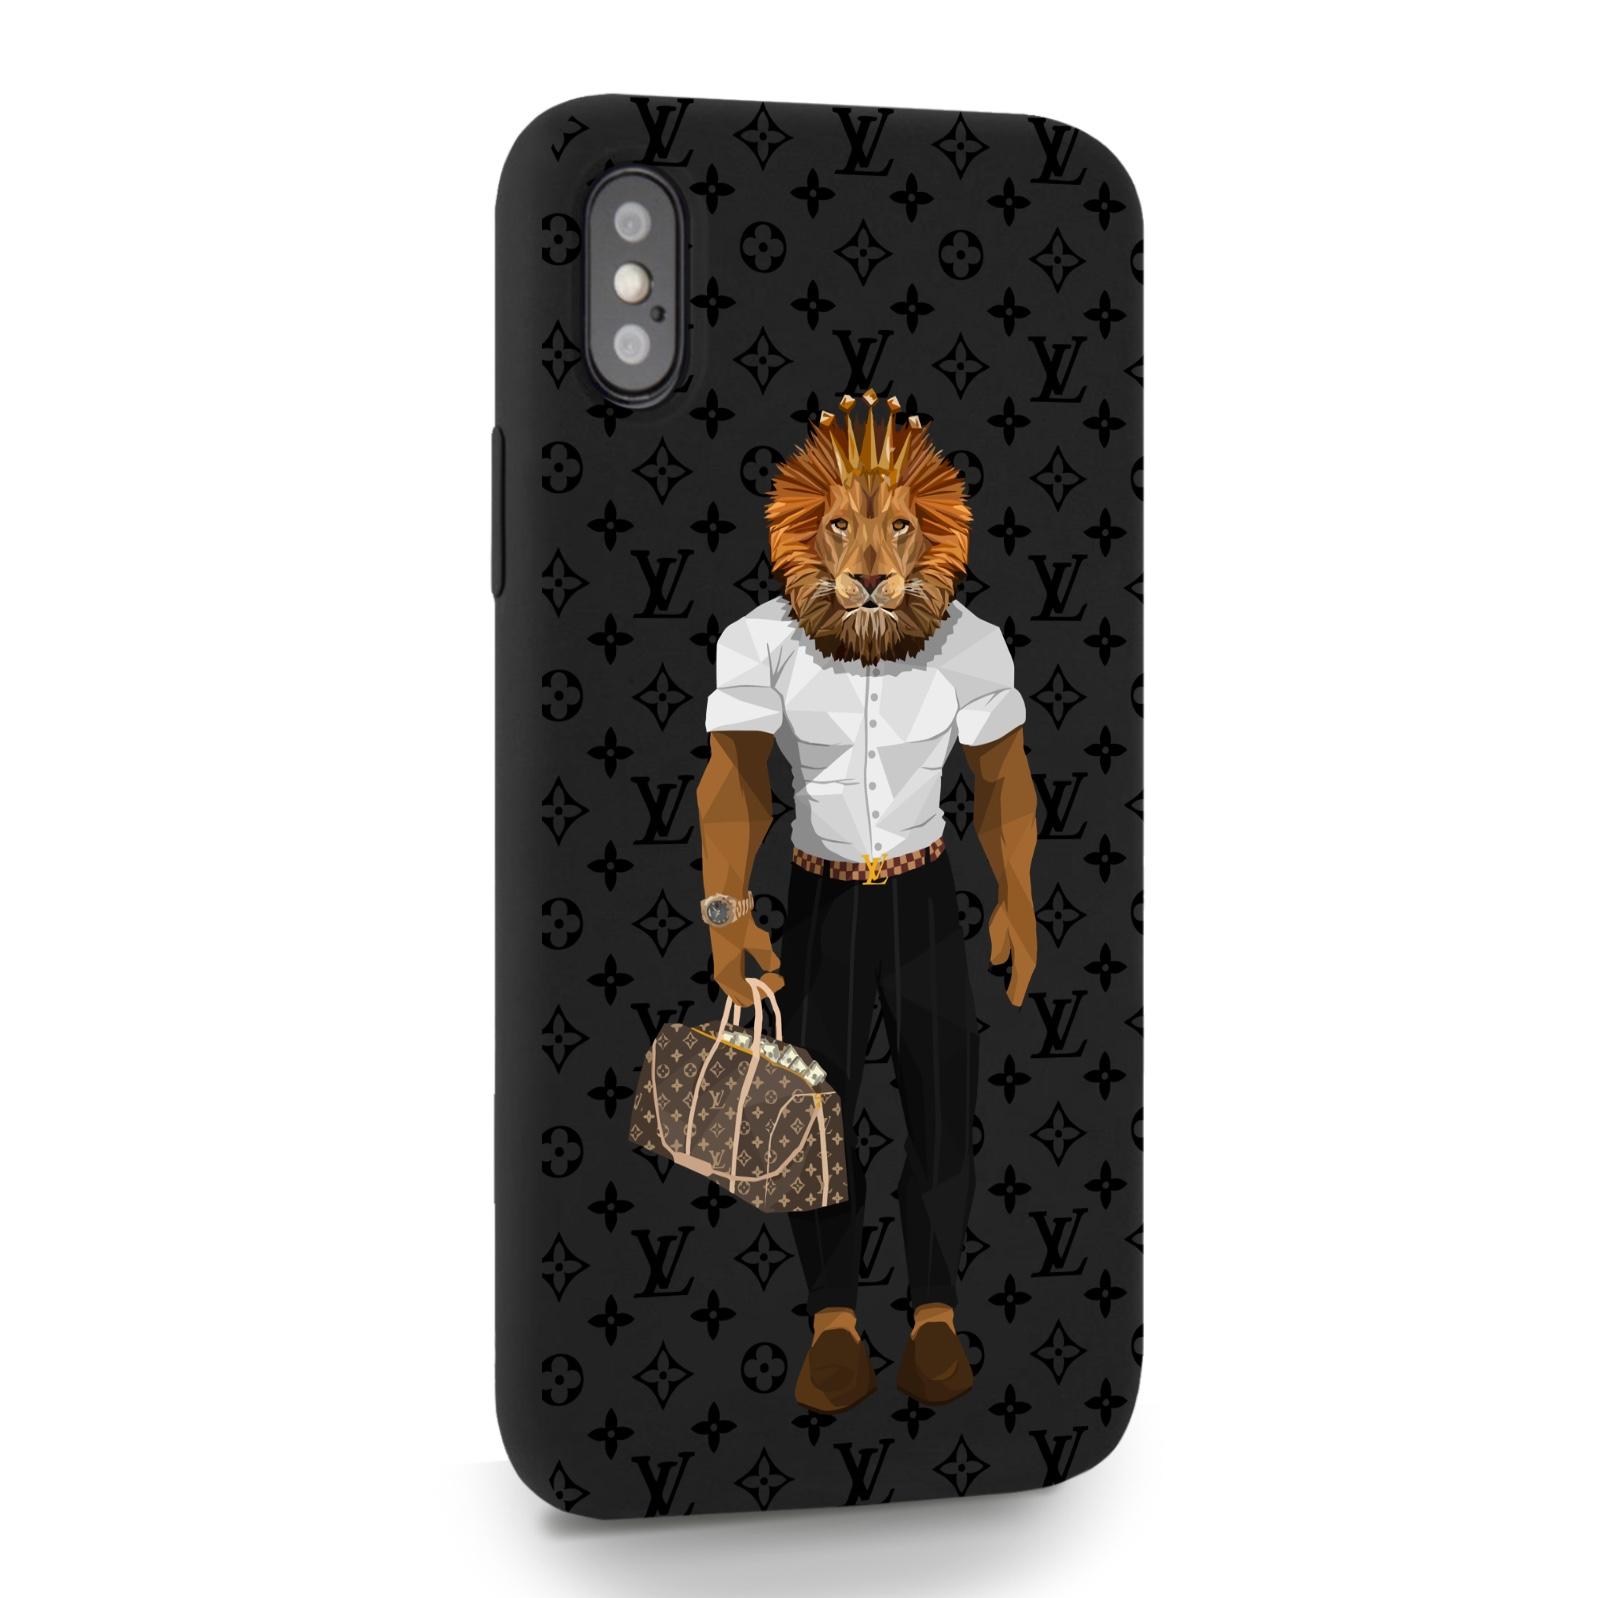 Черный силиконовый чехол для iPhone X/XS LV Lion для Айфон 10/10с